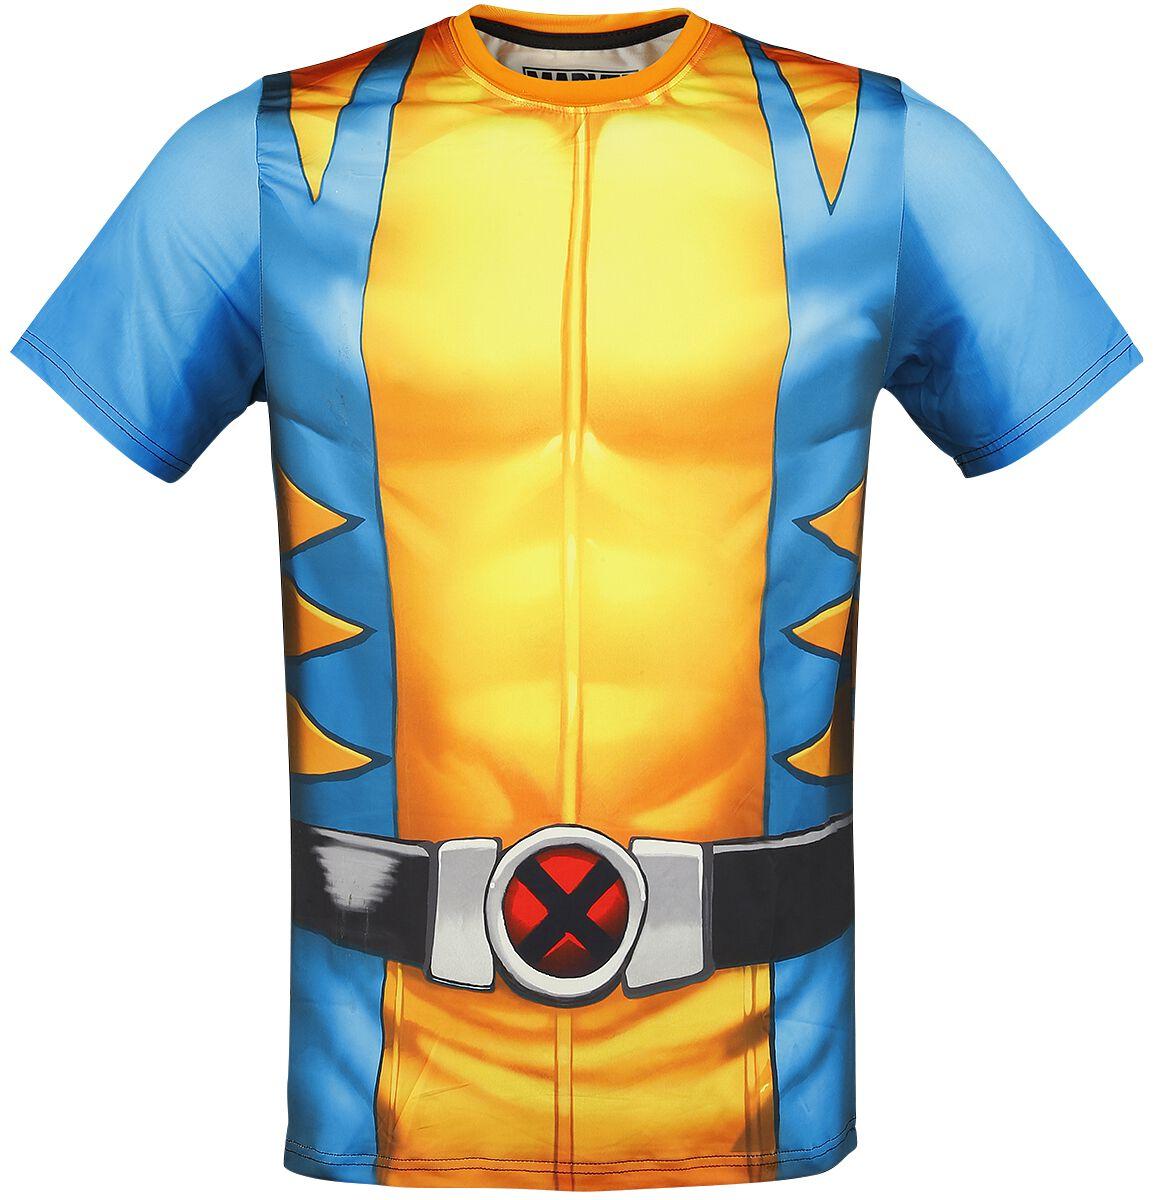 Merch dla Fanów - Koszulki - T-Shirt Wolverine Chest T-Shirt wielokolorowy - 346431